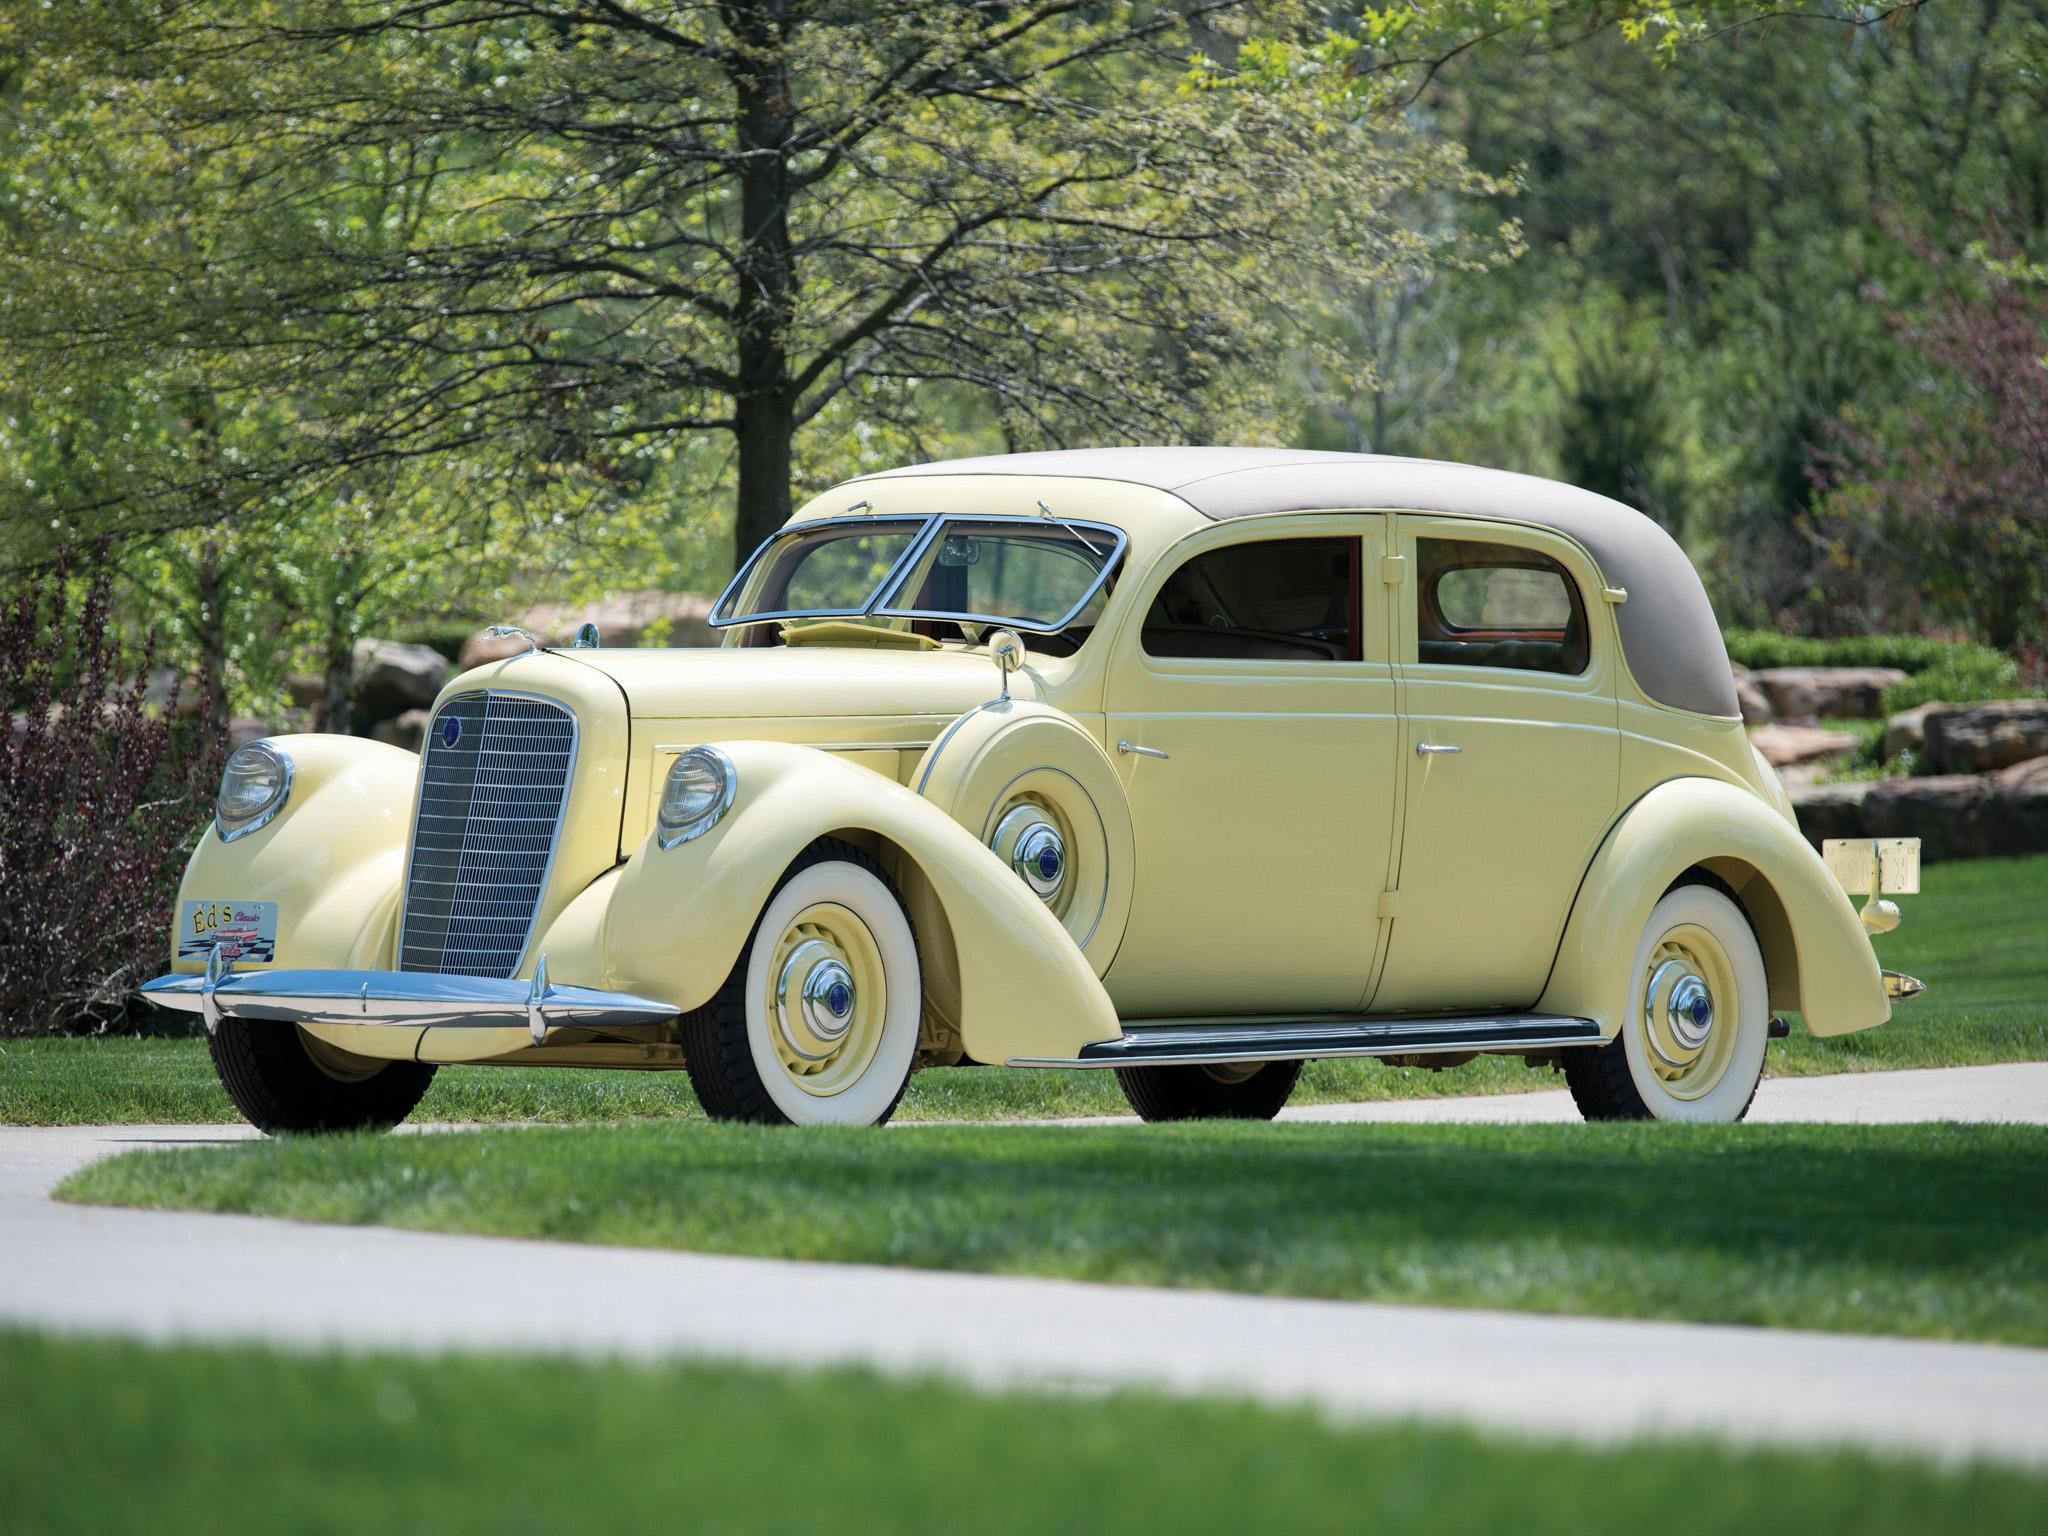 1937 Lincoln Model-K 2-window Berline by Judkins retro luxury f ...